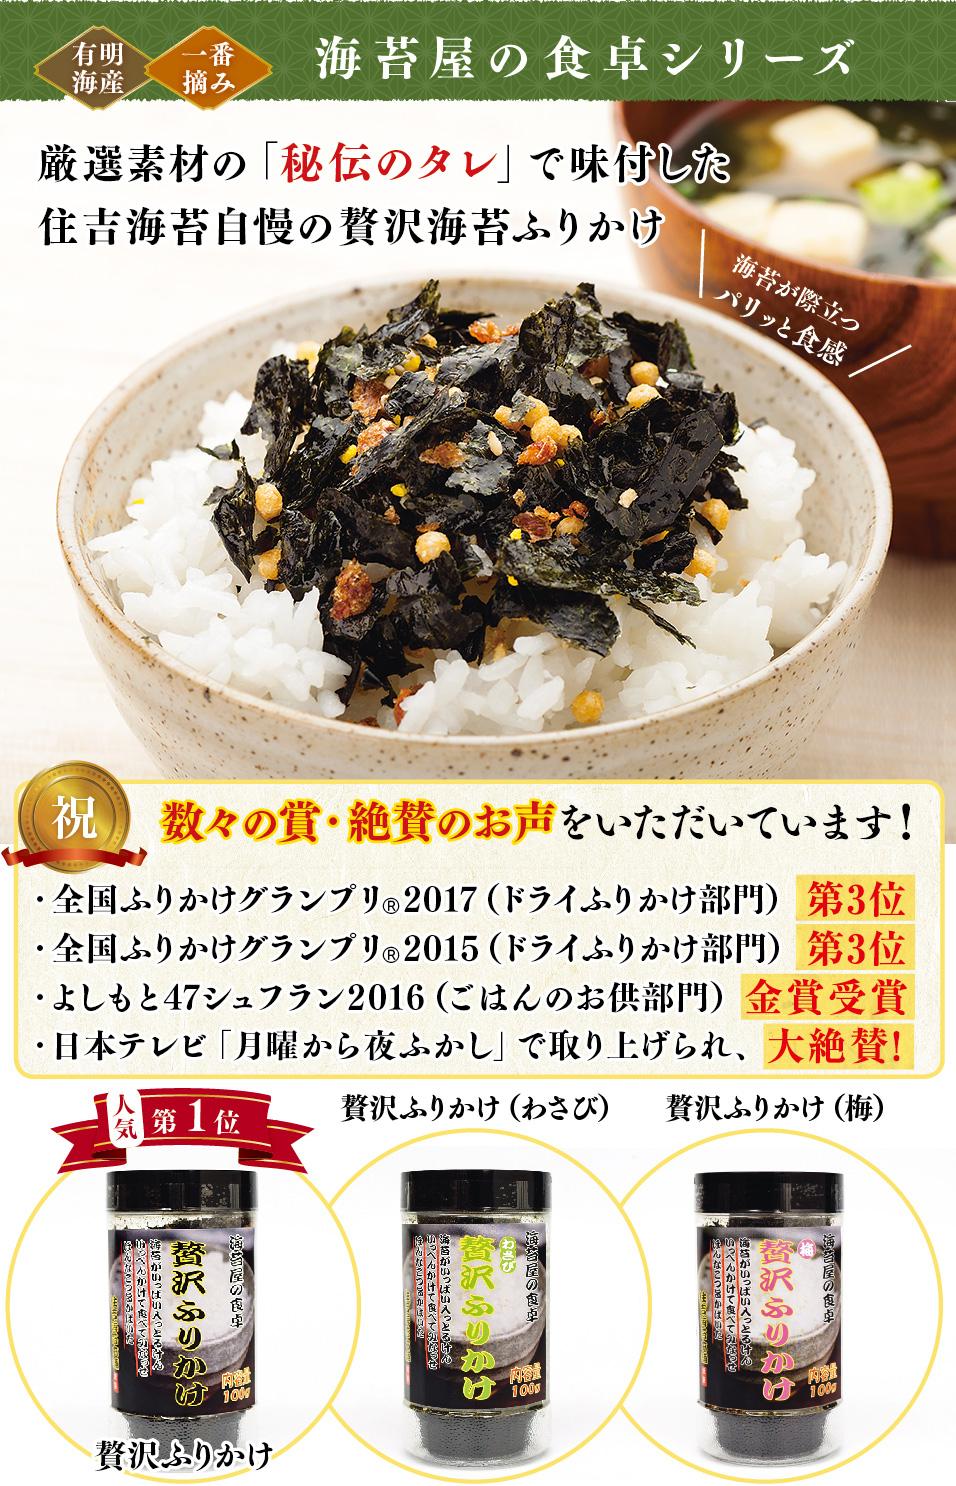 贅沢ふりかけ・熊本有明海産海苔の通販 – 住吉海苔本舗